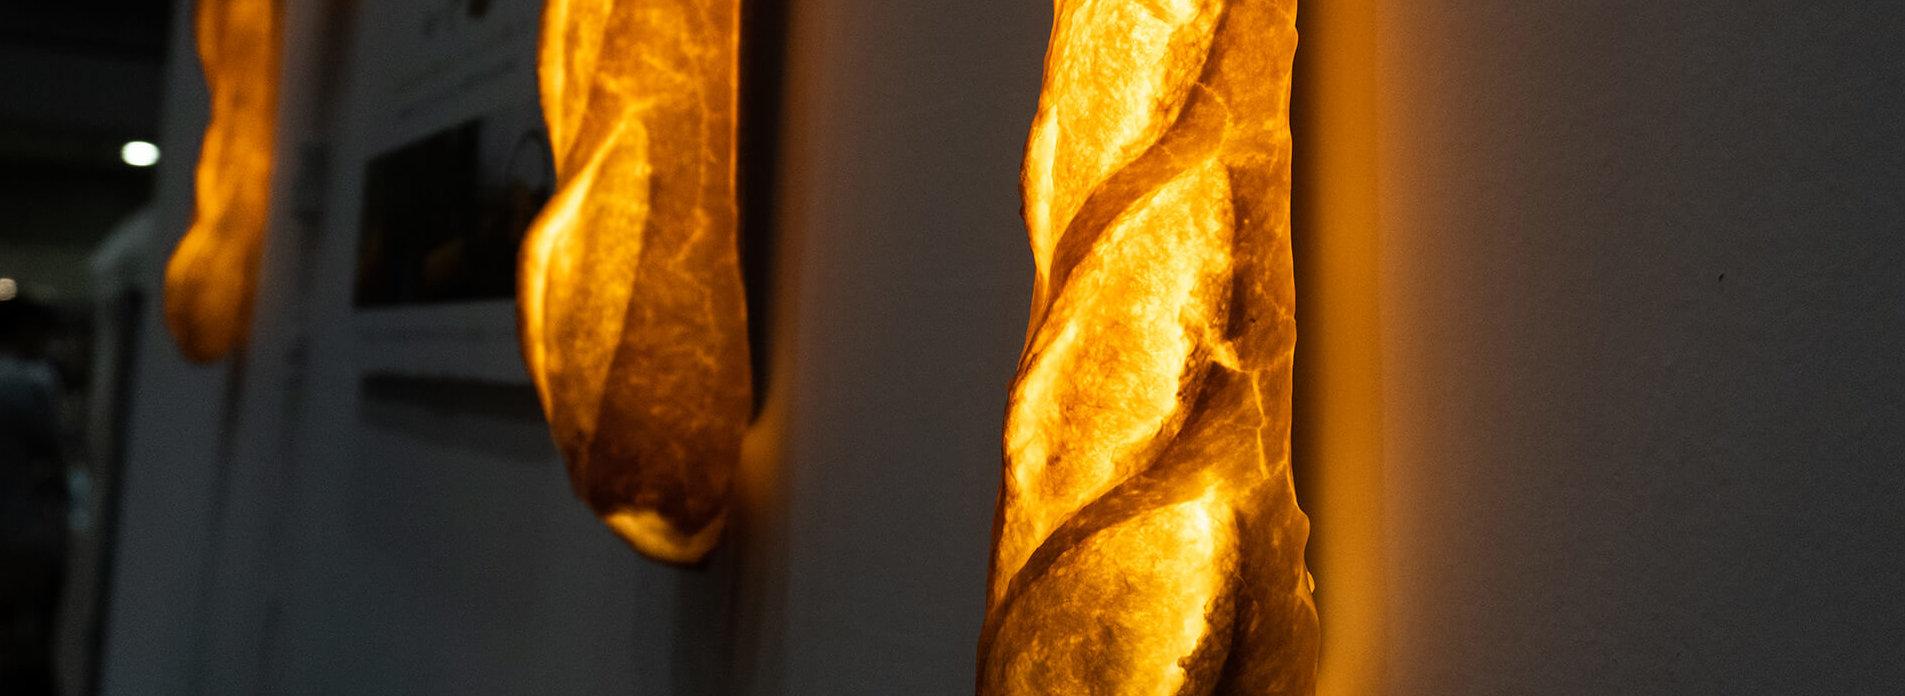 この写真はハンドメイドインジャパンに出展していたパンのオブジェ